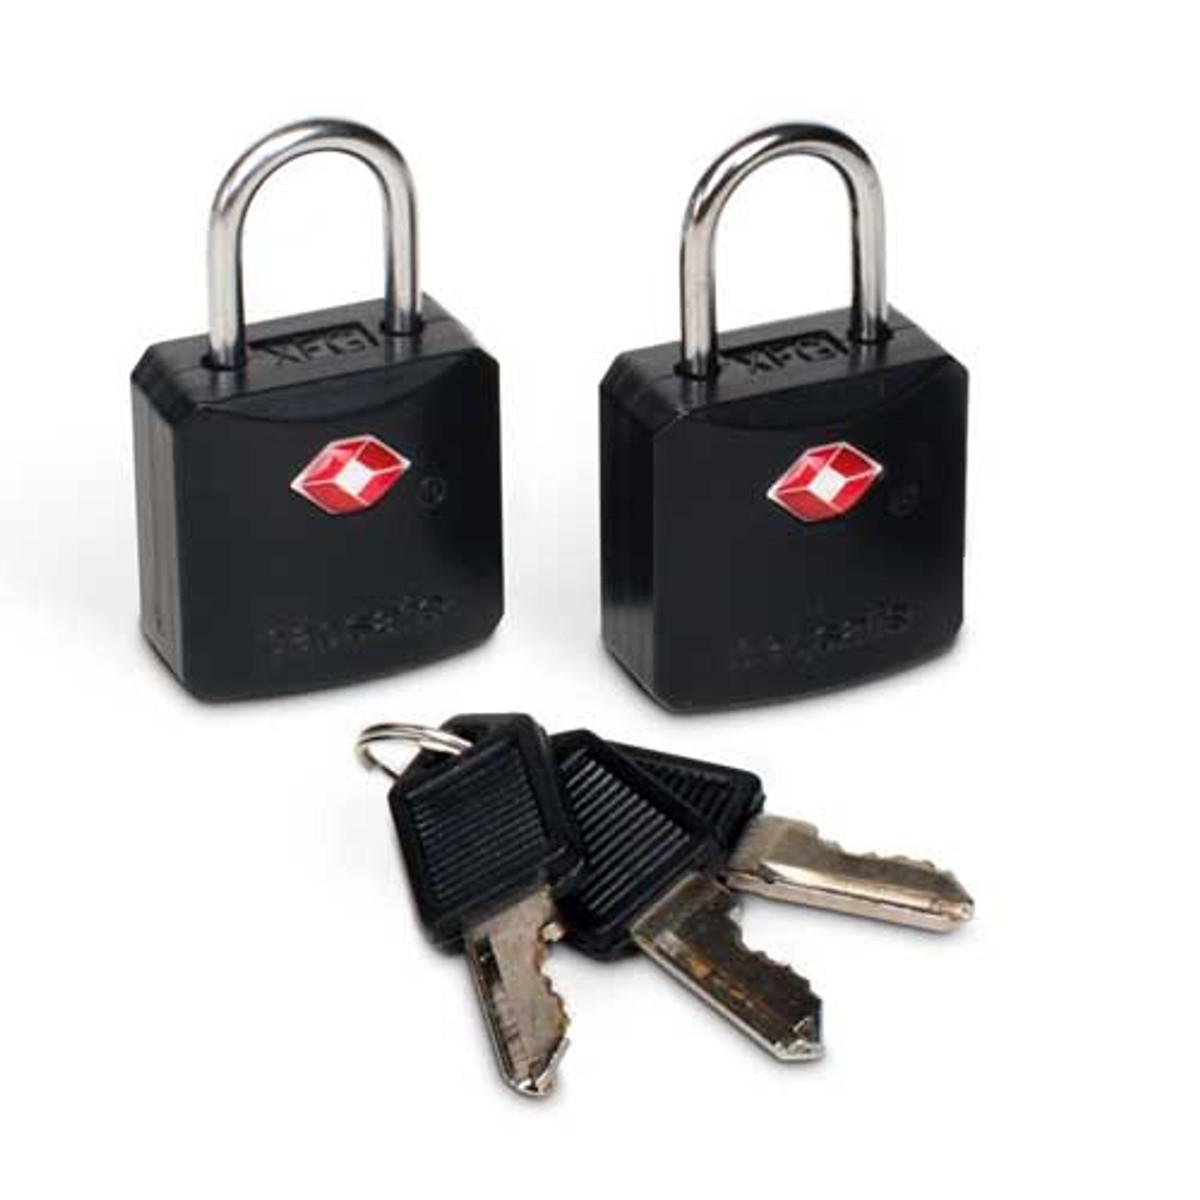 Pacsafe Prosafe 620 TSA approved luggage locks